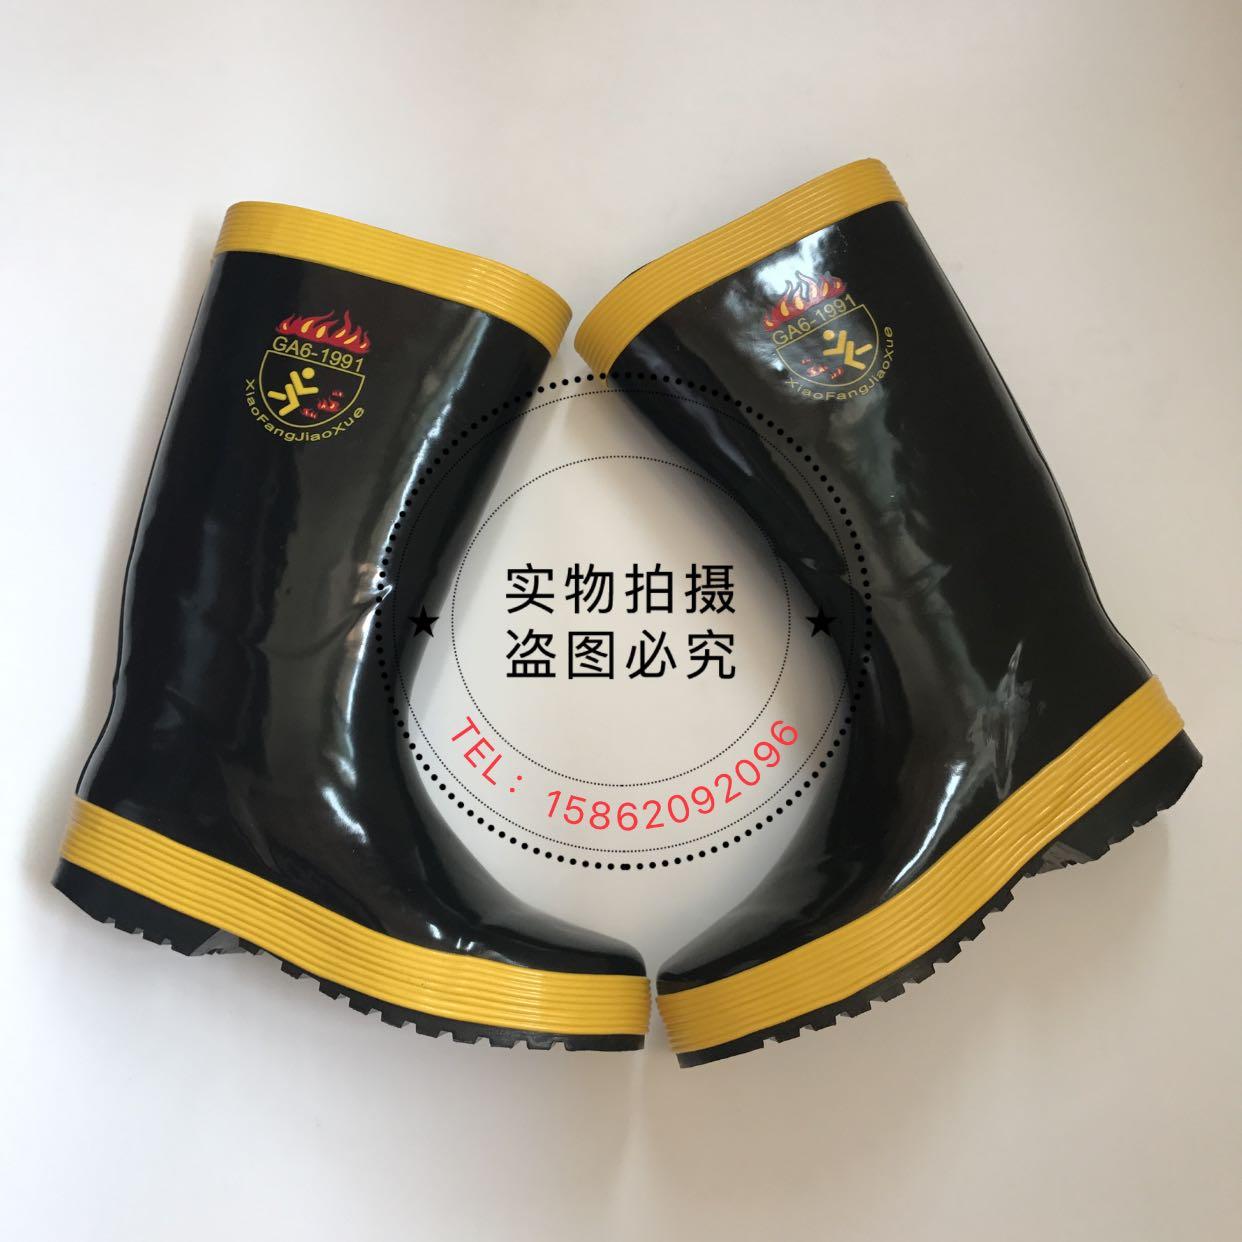 97 модель пожаротушение ботинок / пожаротушение член борьба ботинок / пожаротушение оборудование пожаротушение клей ботинок / подошва газа подлинный